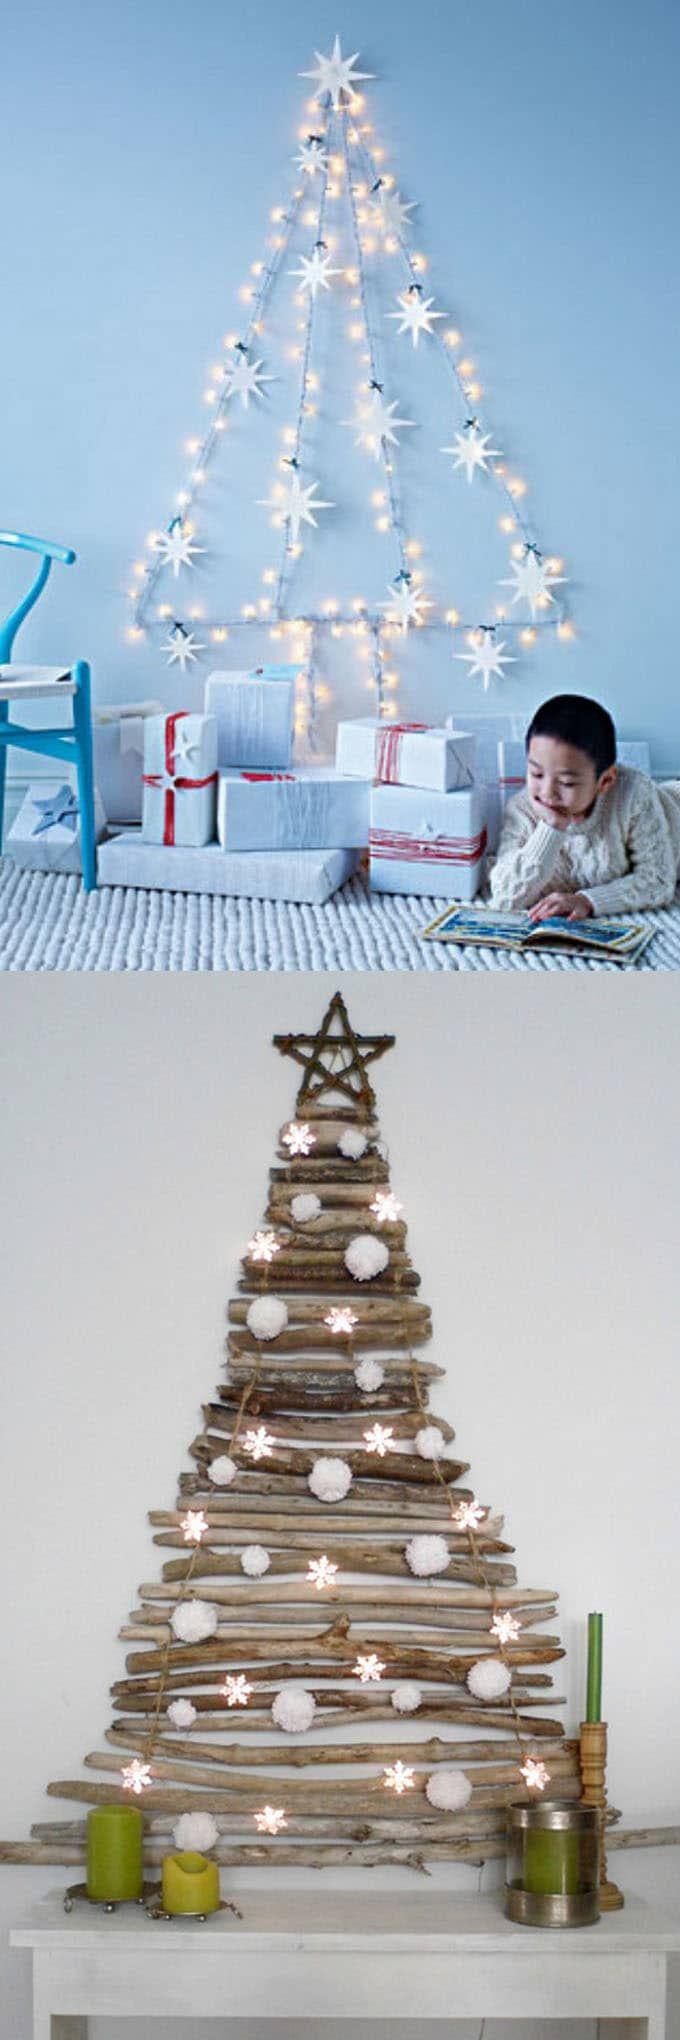 18-creative-christmas-trees-apieceofrainbow-3